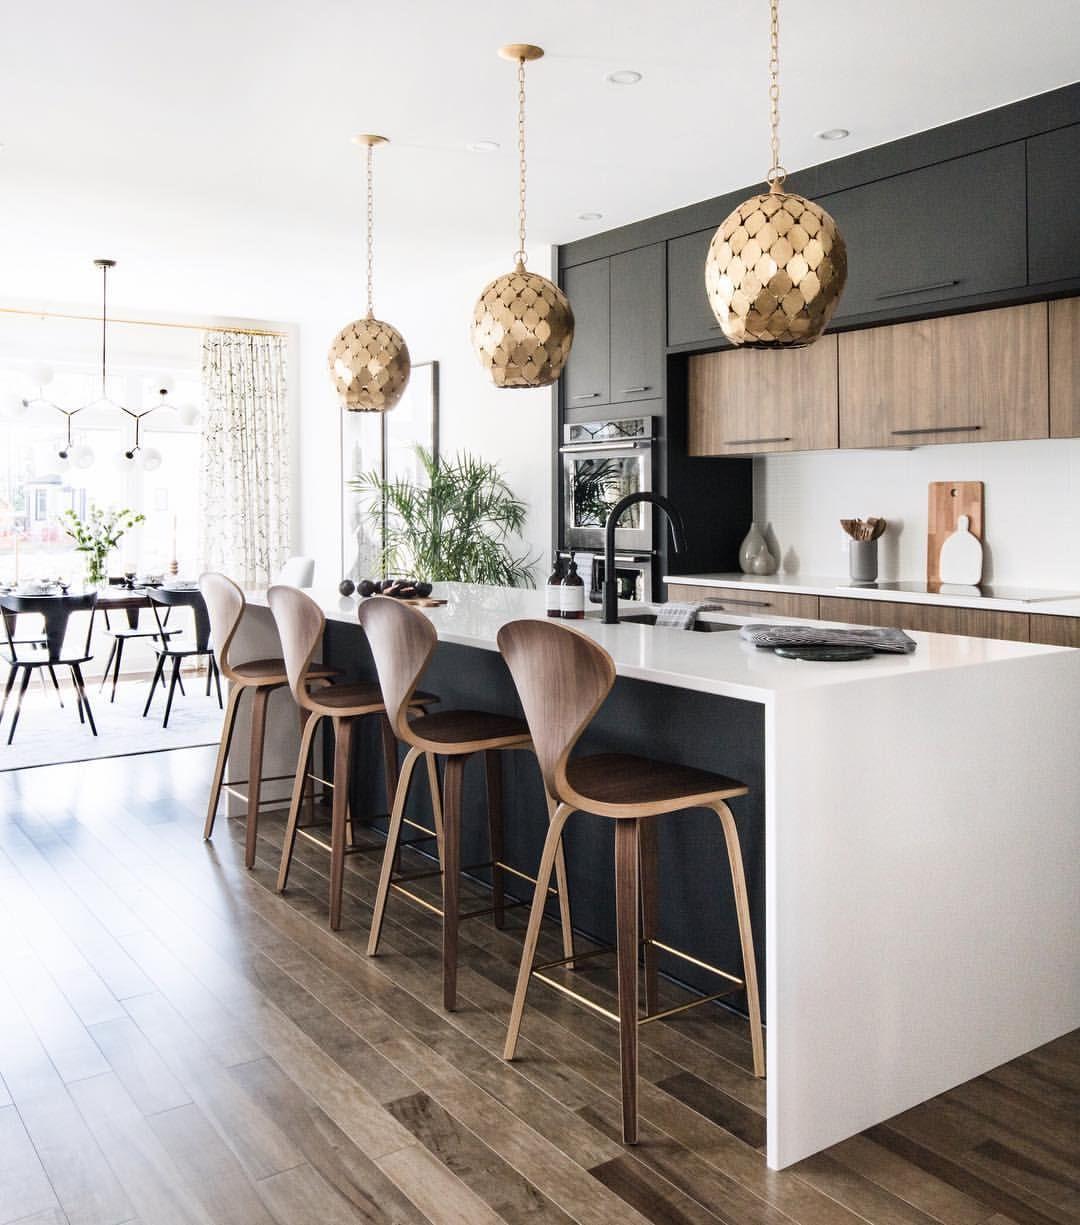 Innovative Black White Wood Kitchens Design Idea